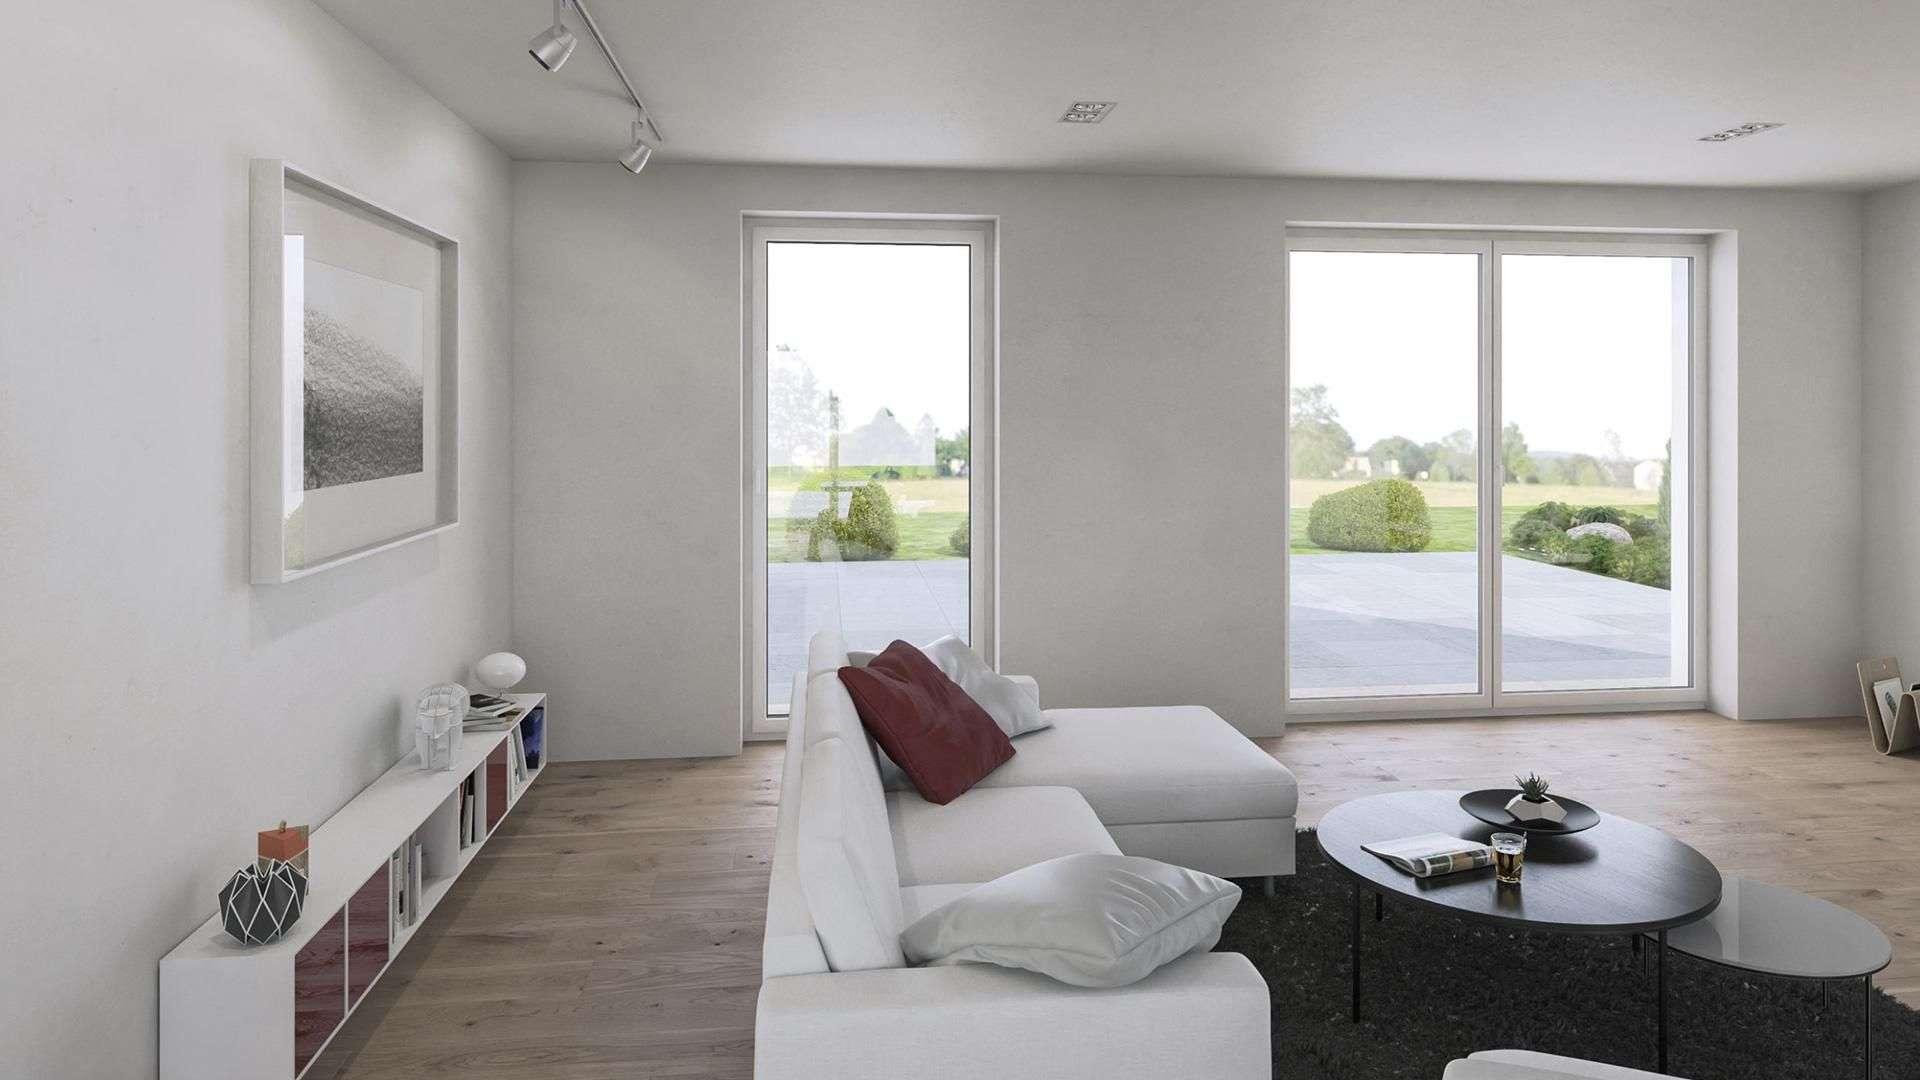 Wessendorf Fenster GmbH & Co. KG - Fenster